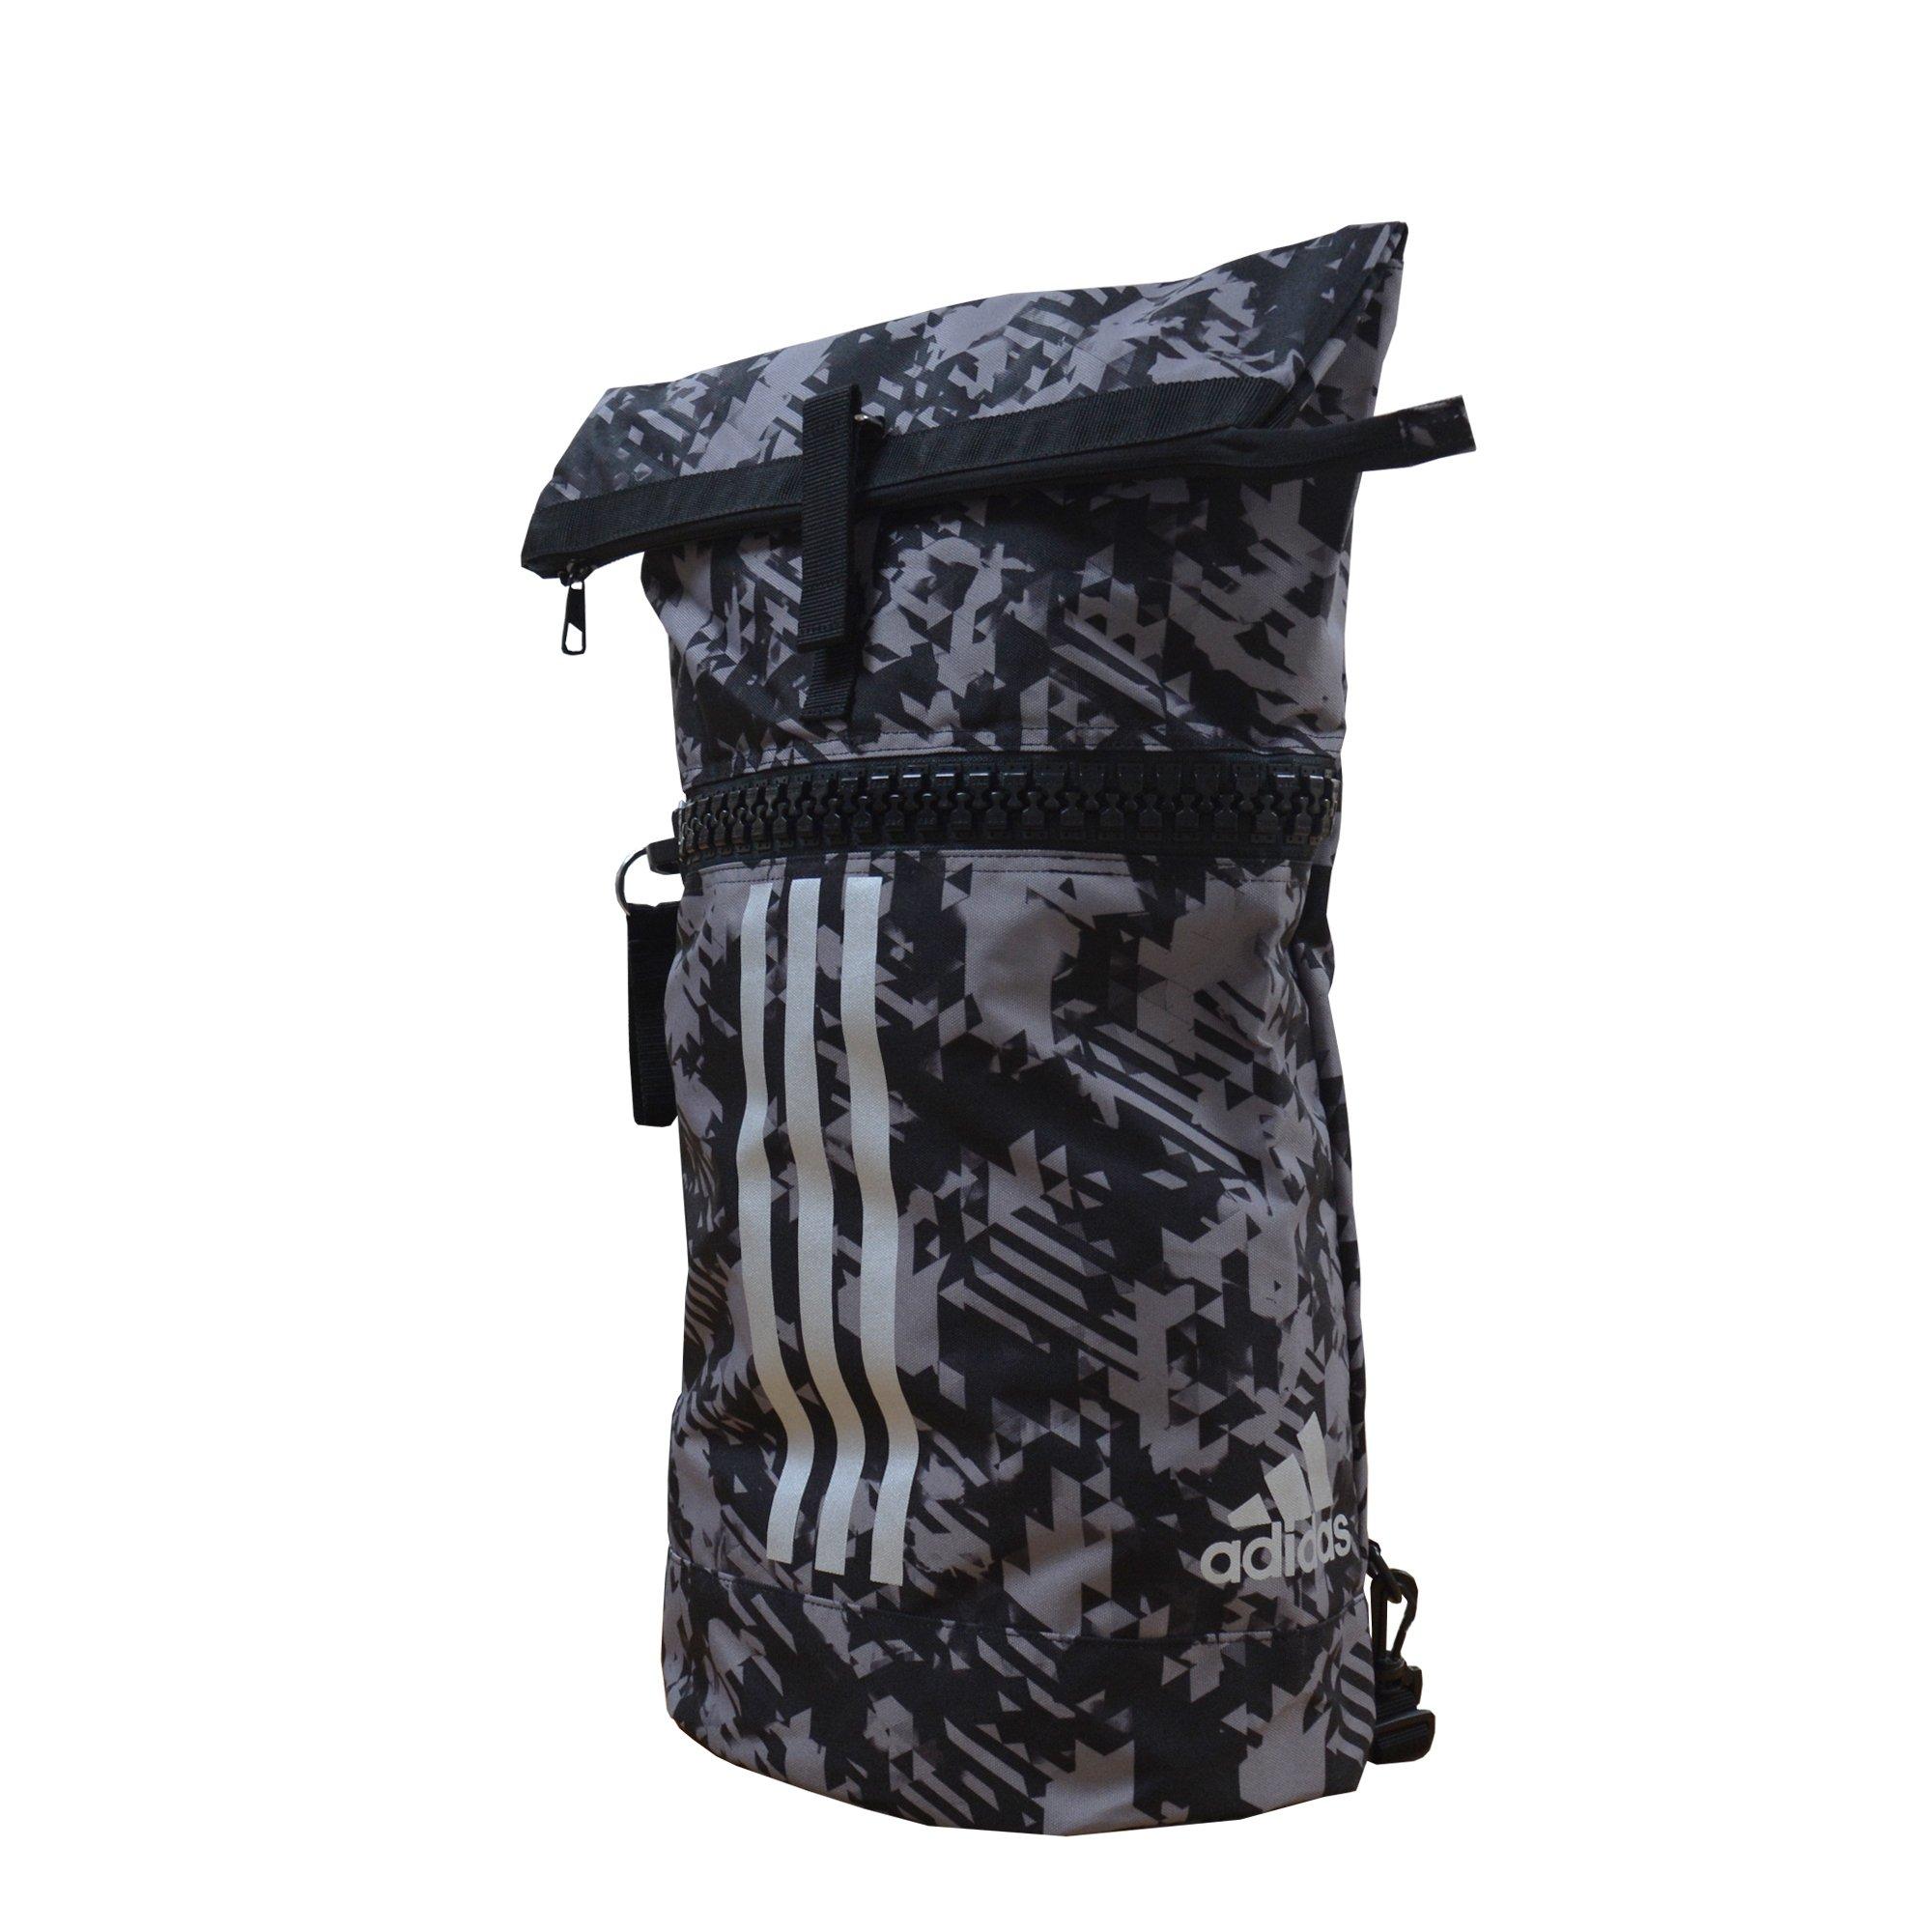 Adidas Camo Bag